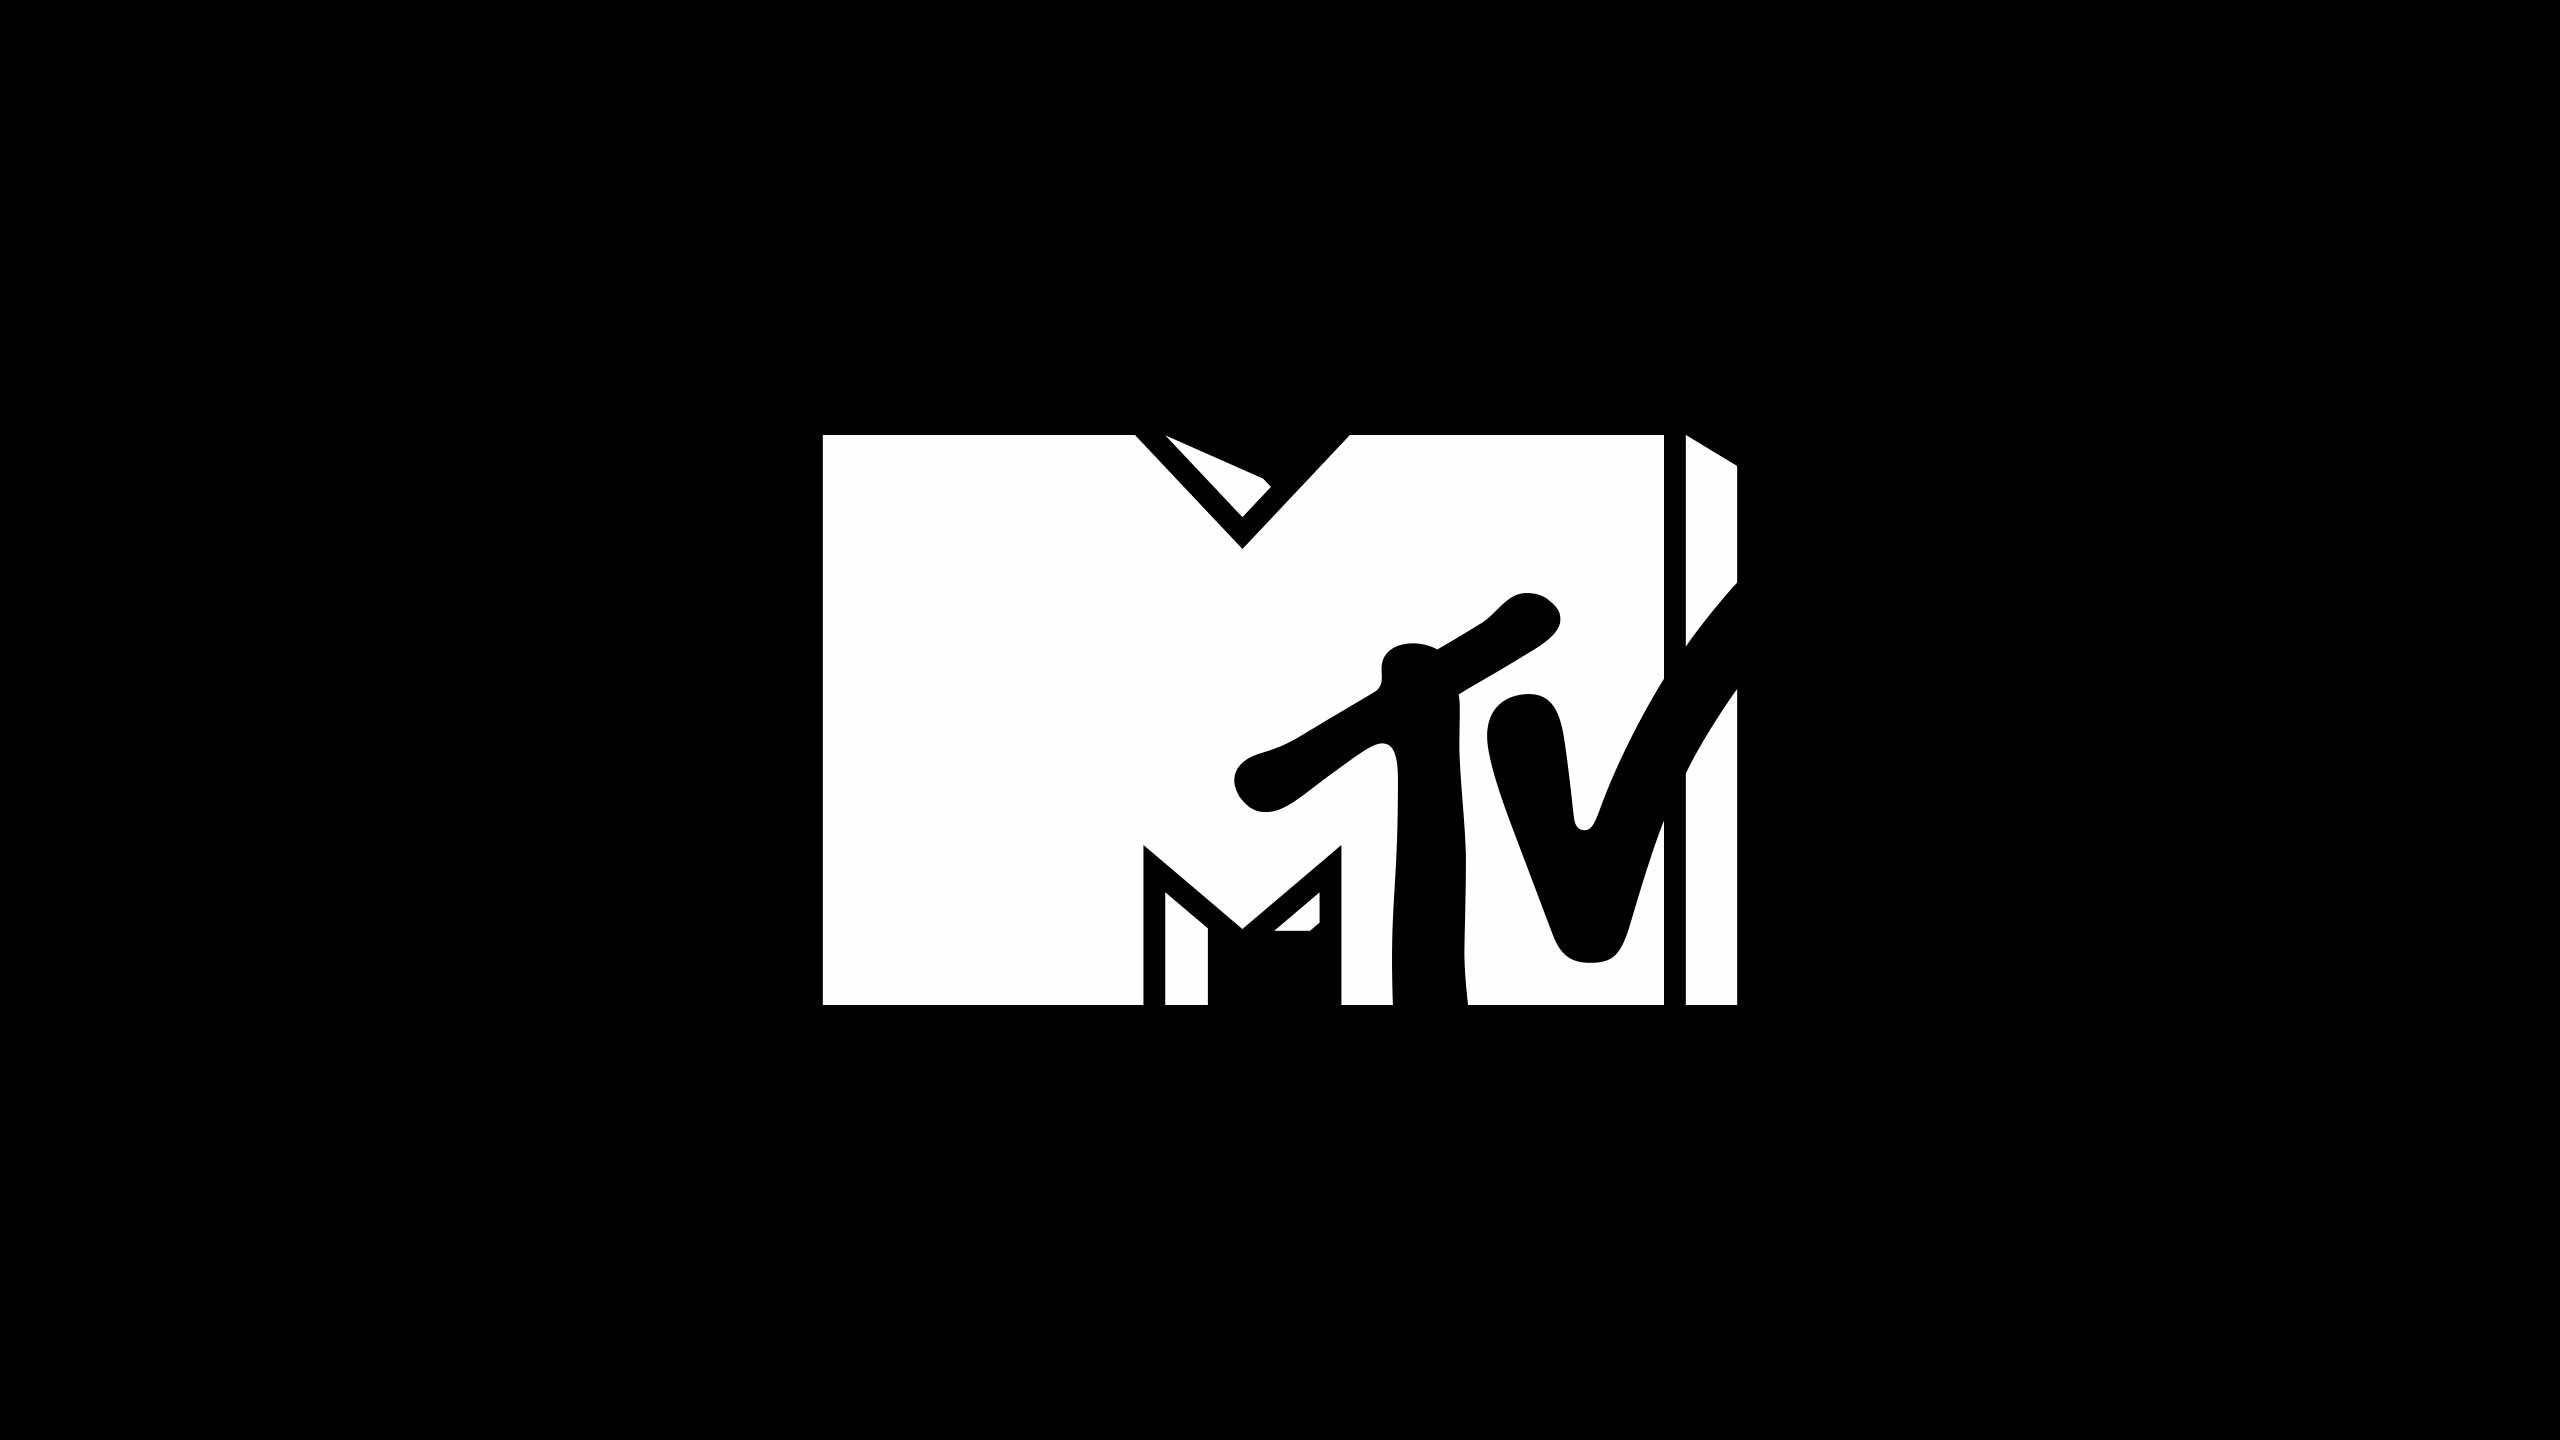 ニコール・キッドマンとキース・アーバンの娘たちが映画デビュー | MTV ...